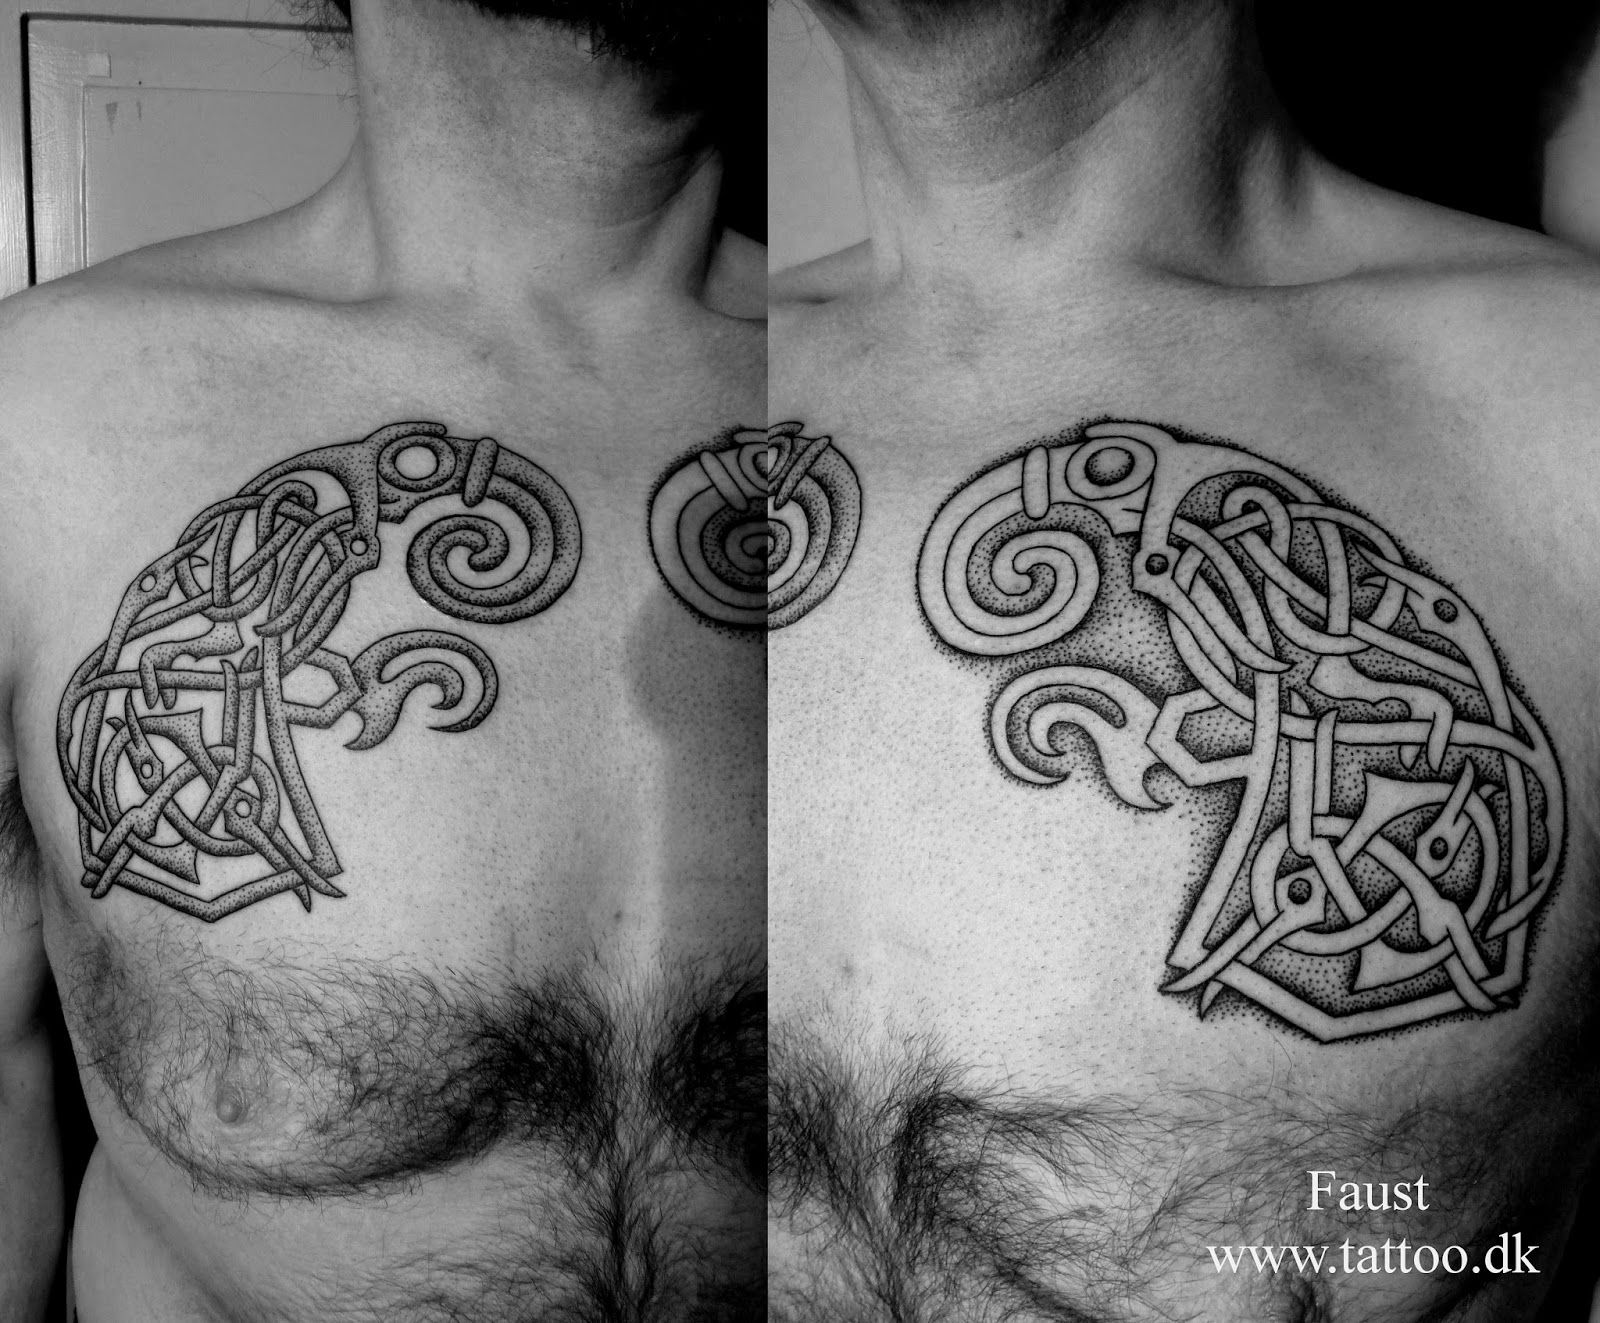 haugenmaunen.jpeg (1600×1323) Scandinavian tattoo